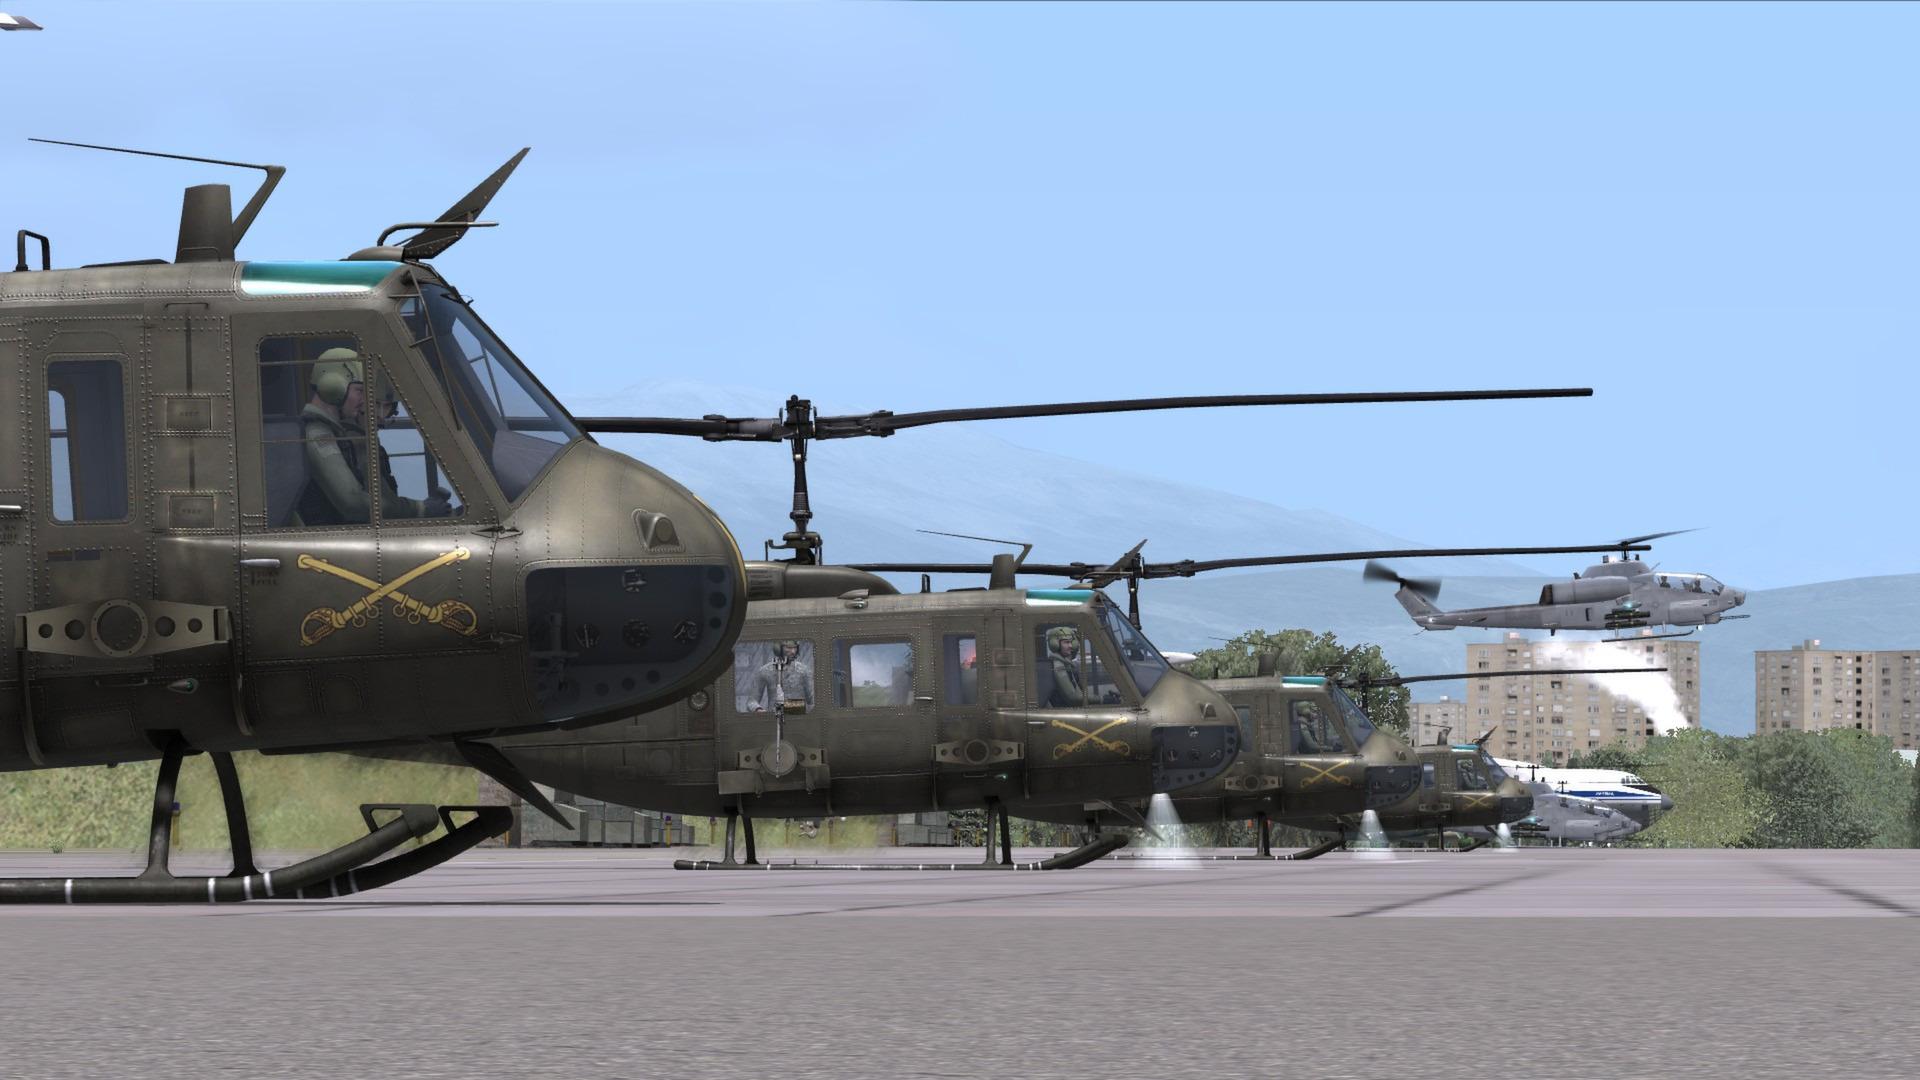 digital combat simulator uh-1h huey download